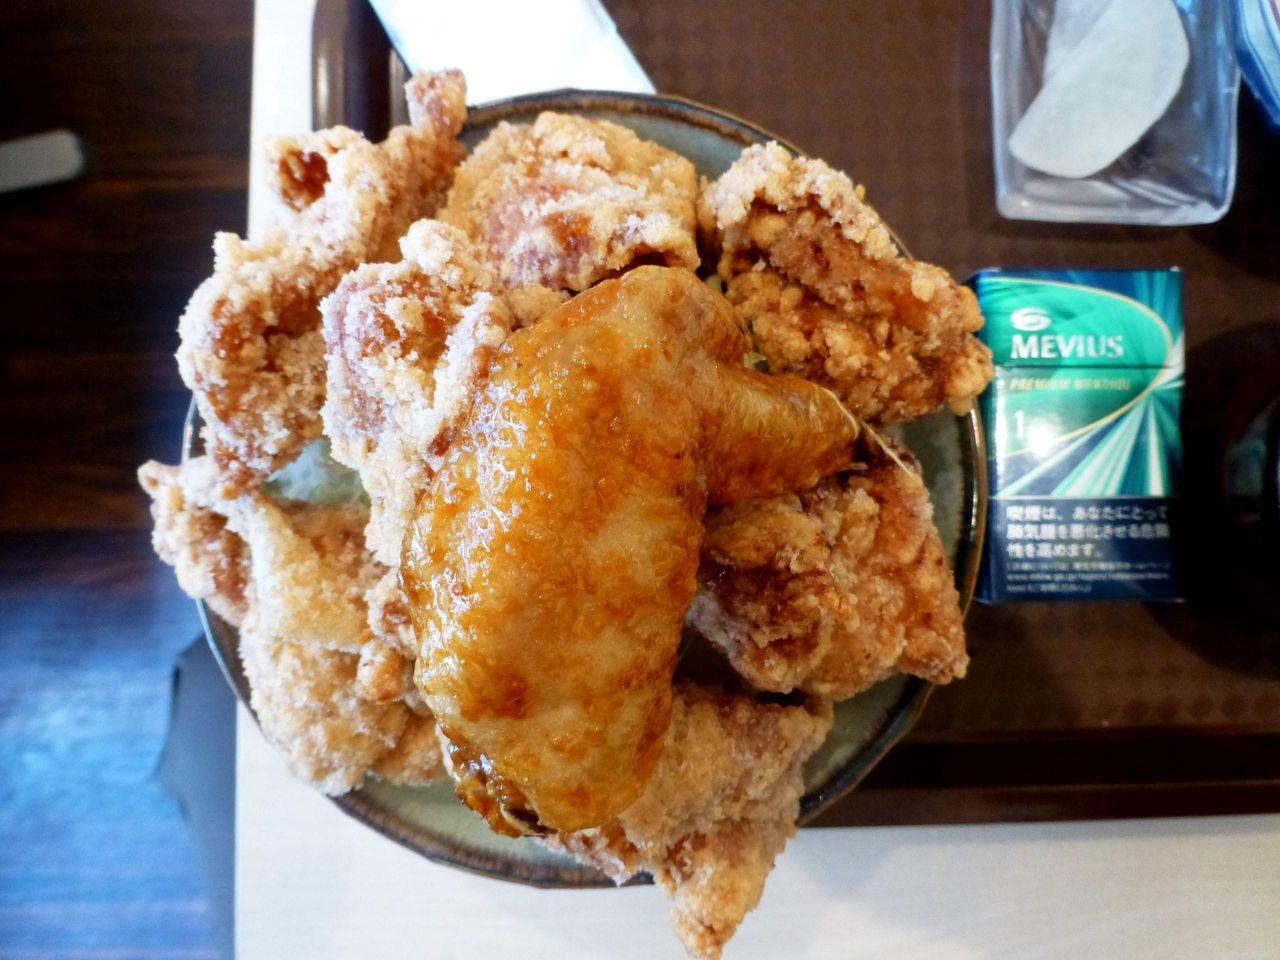 ザンギ・デカ盛り丼は、直径16センチの丼を使用!